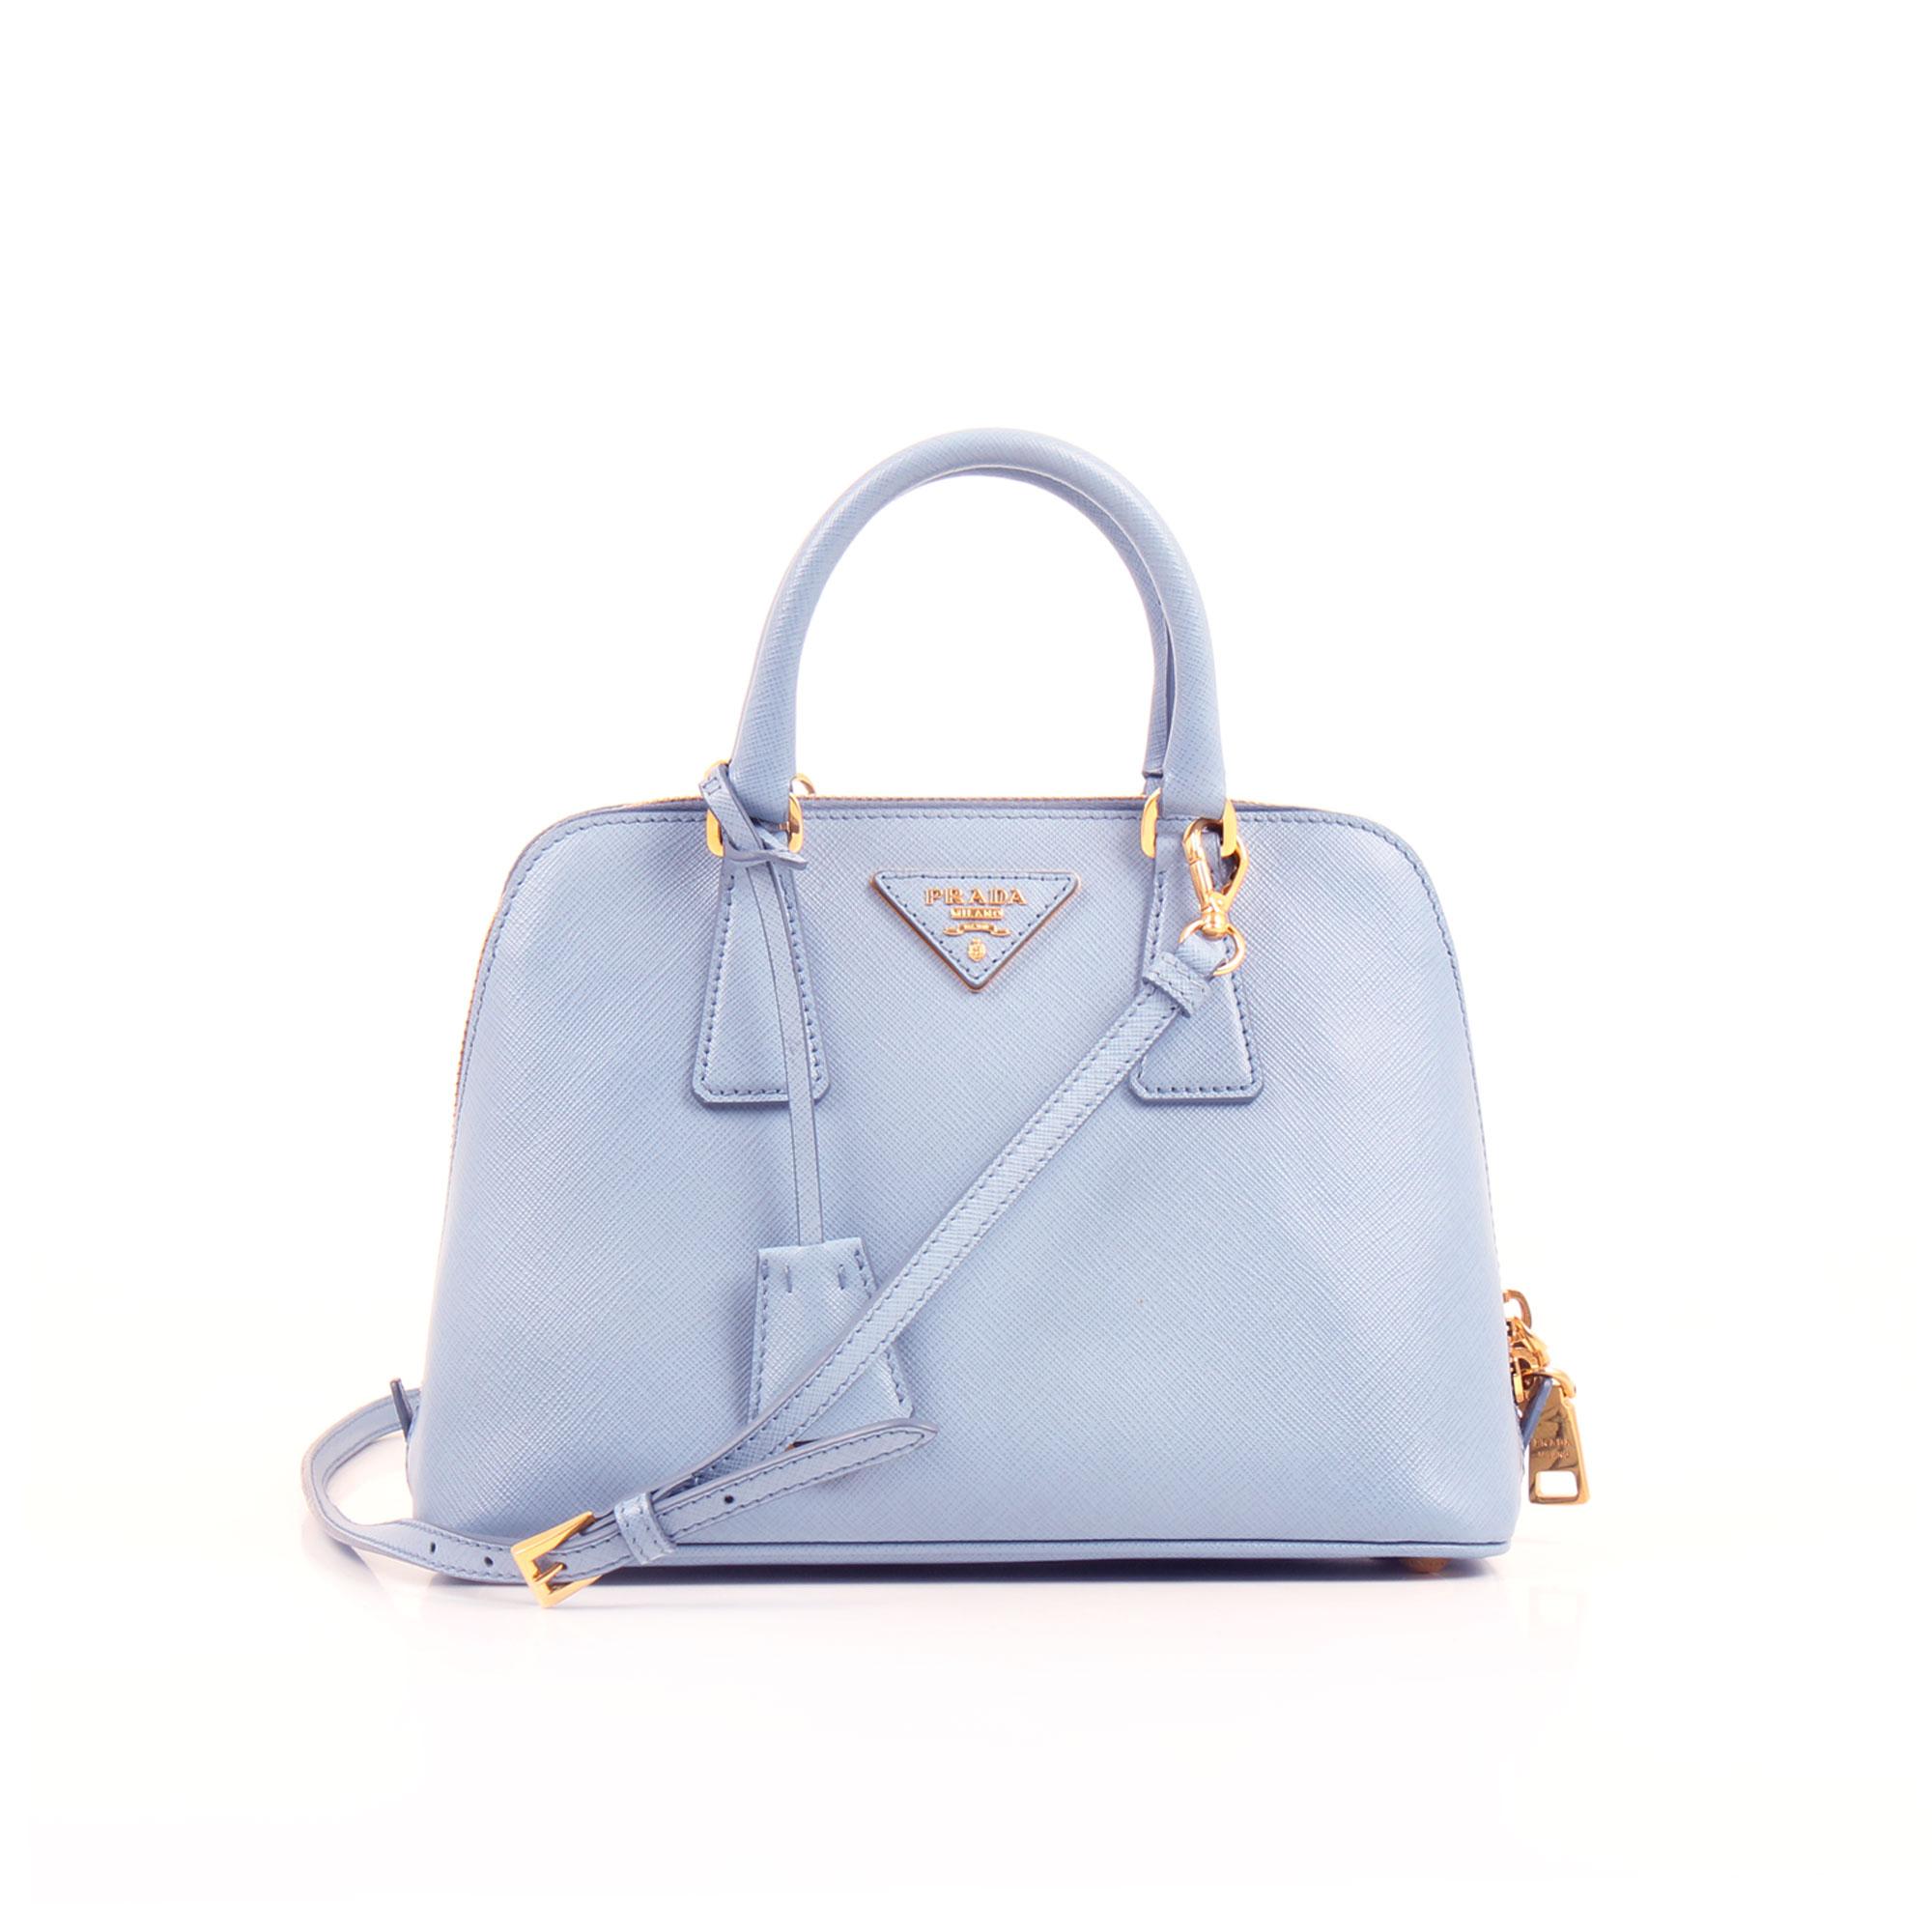 Imagen frontal del bolso prada small promenade saffiano azul